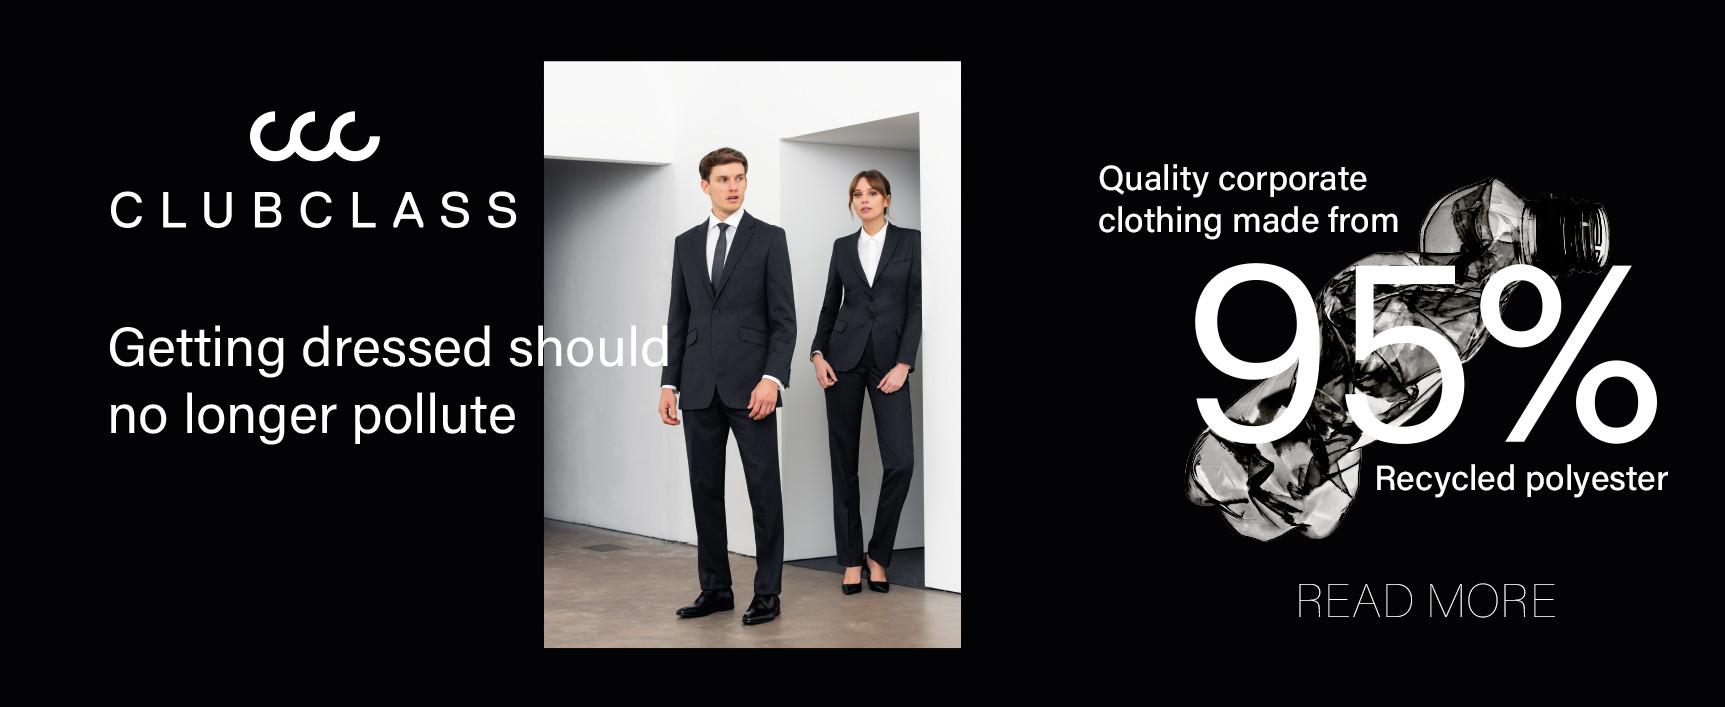 Vêtements d'entreprise en polyester recyclé à 95%